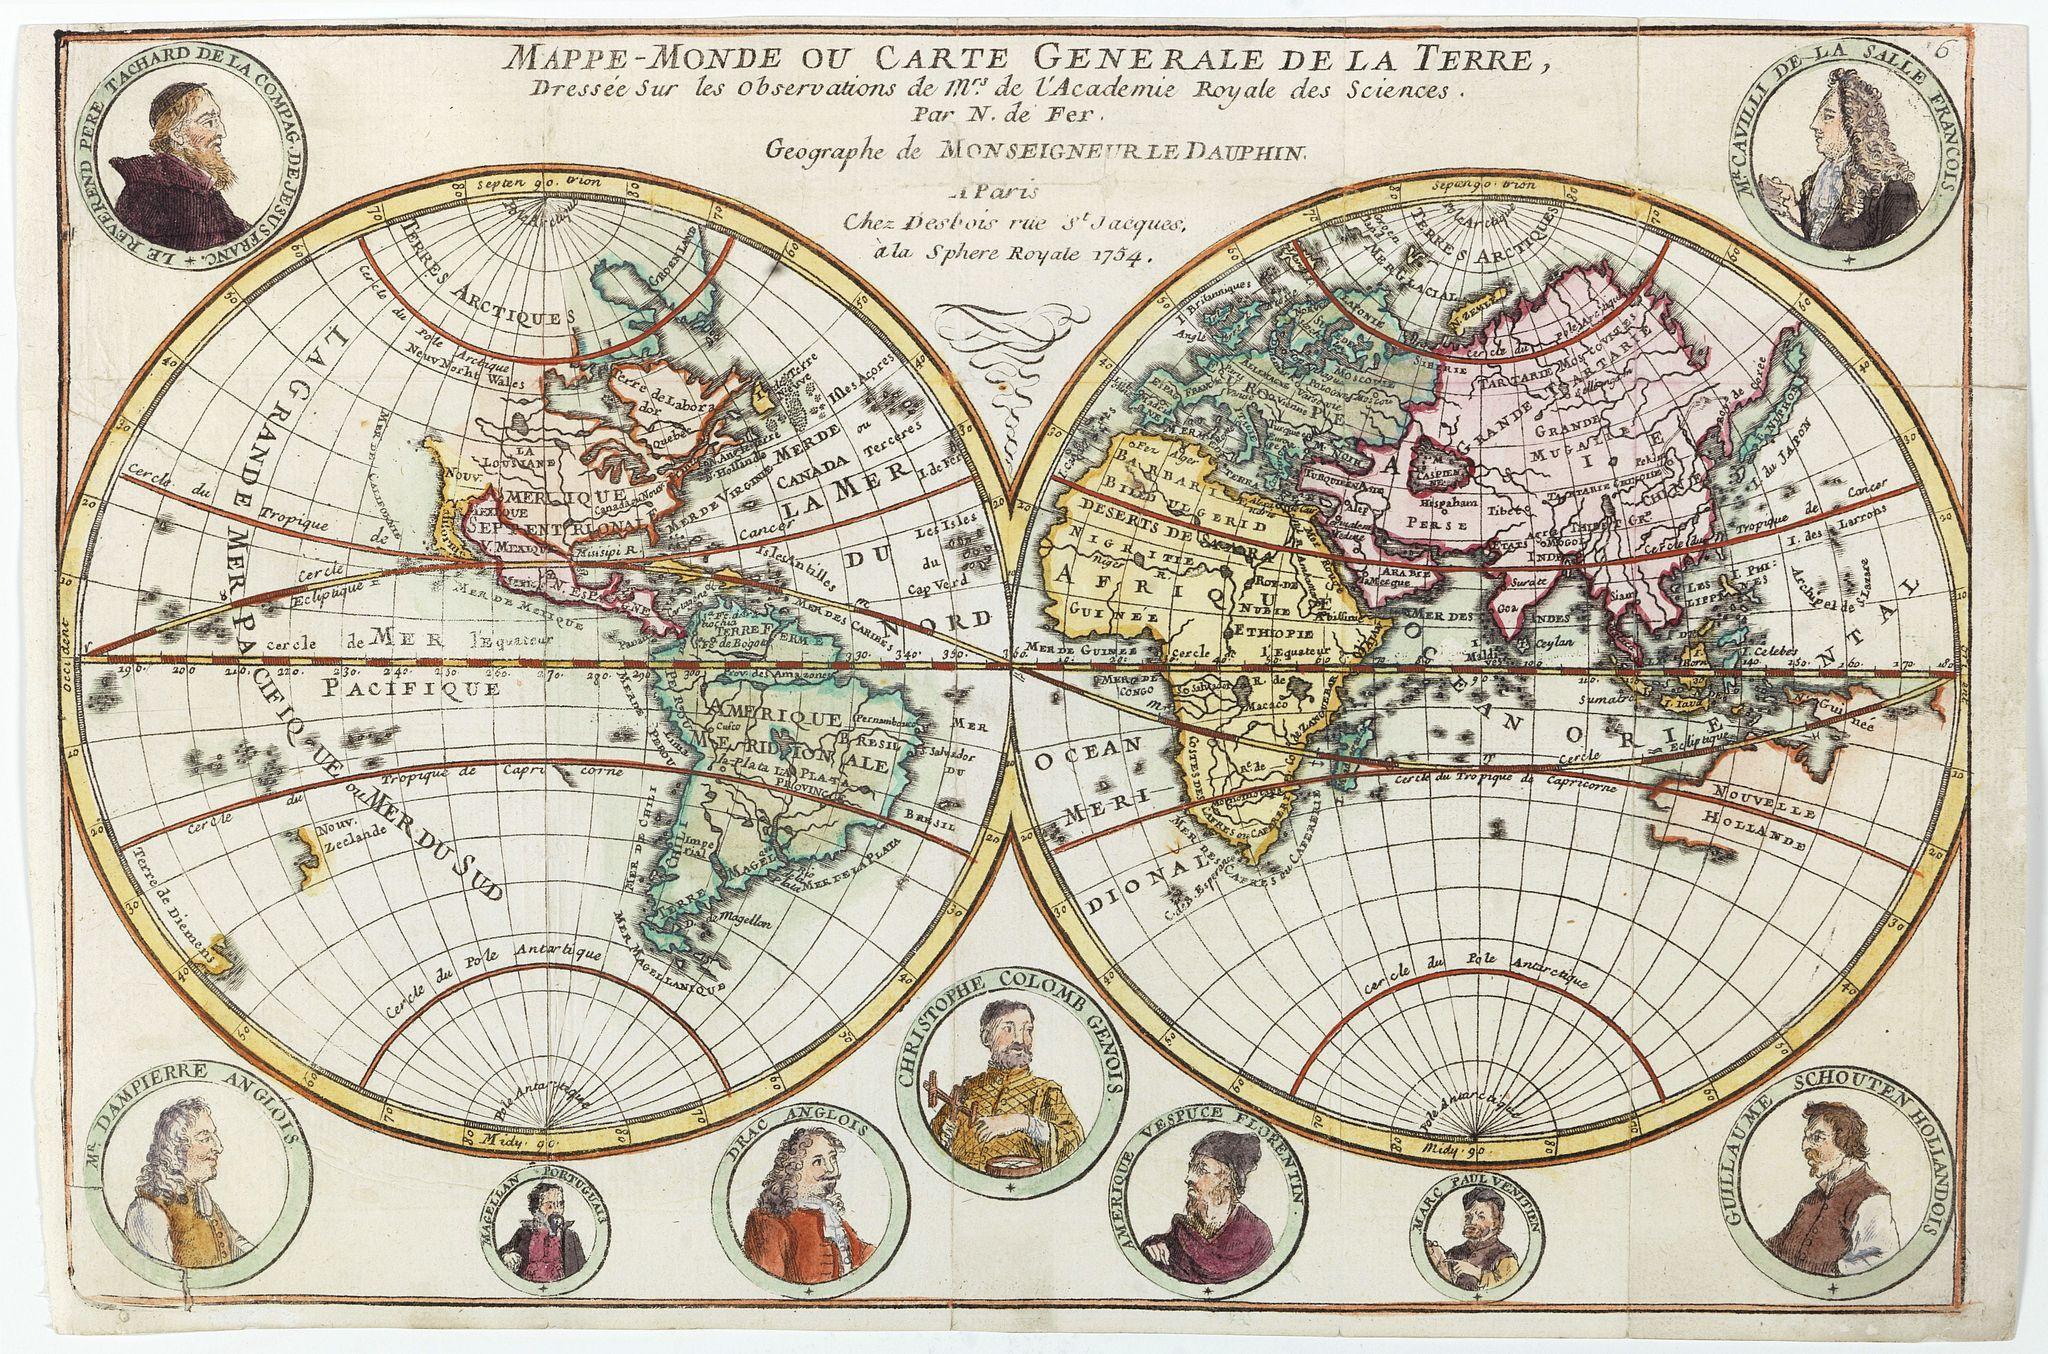 DE FER, N. -  Mappe-Monde ou carte generale de la terre.